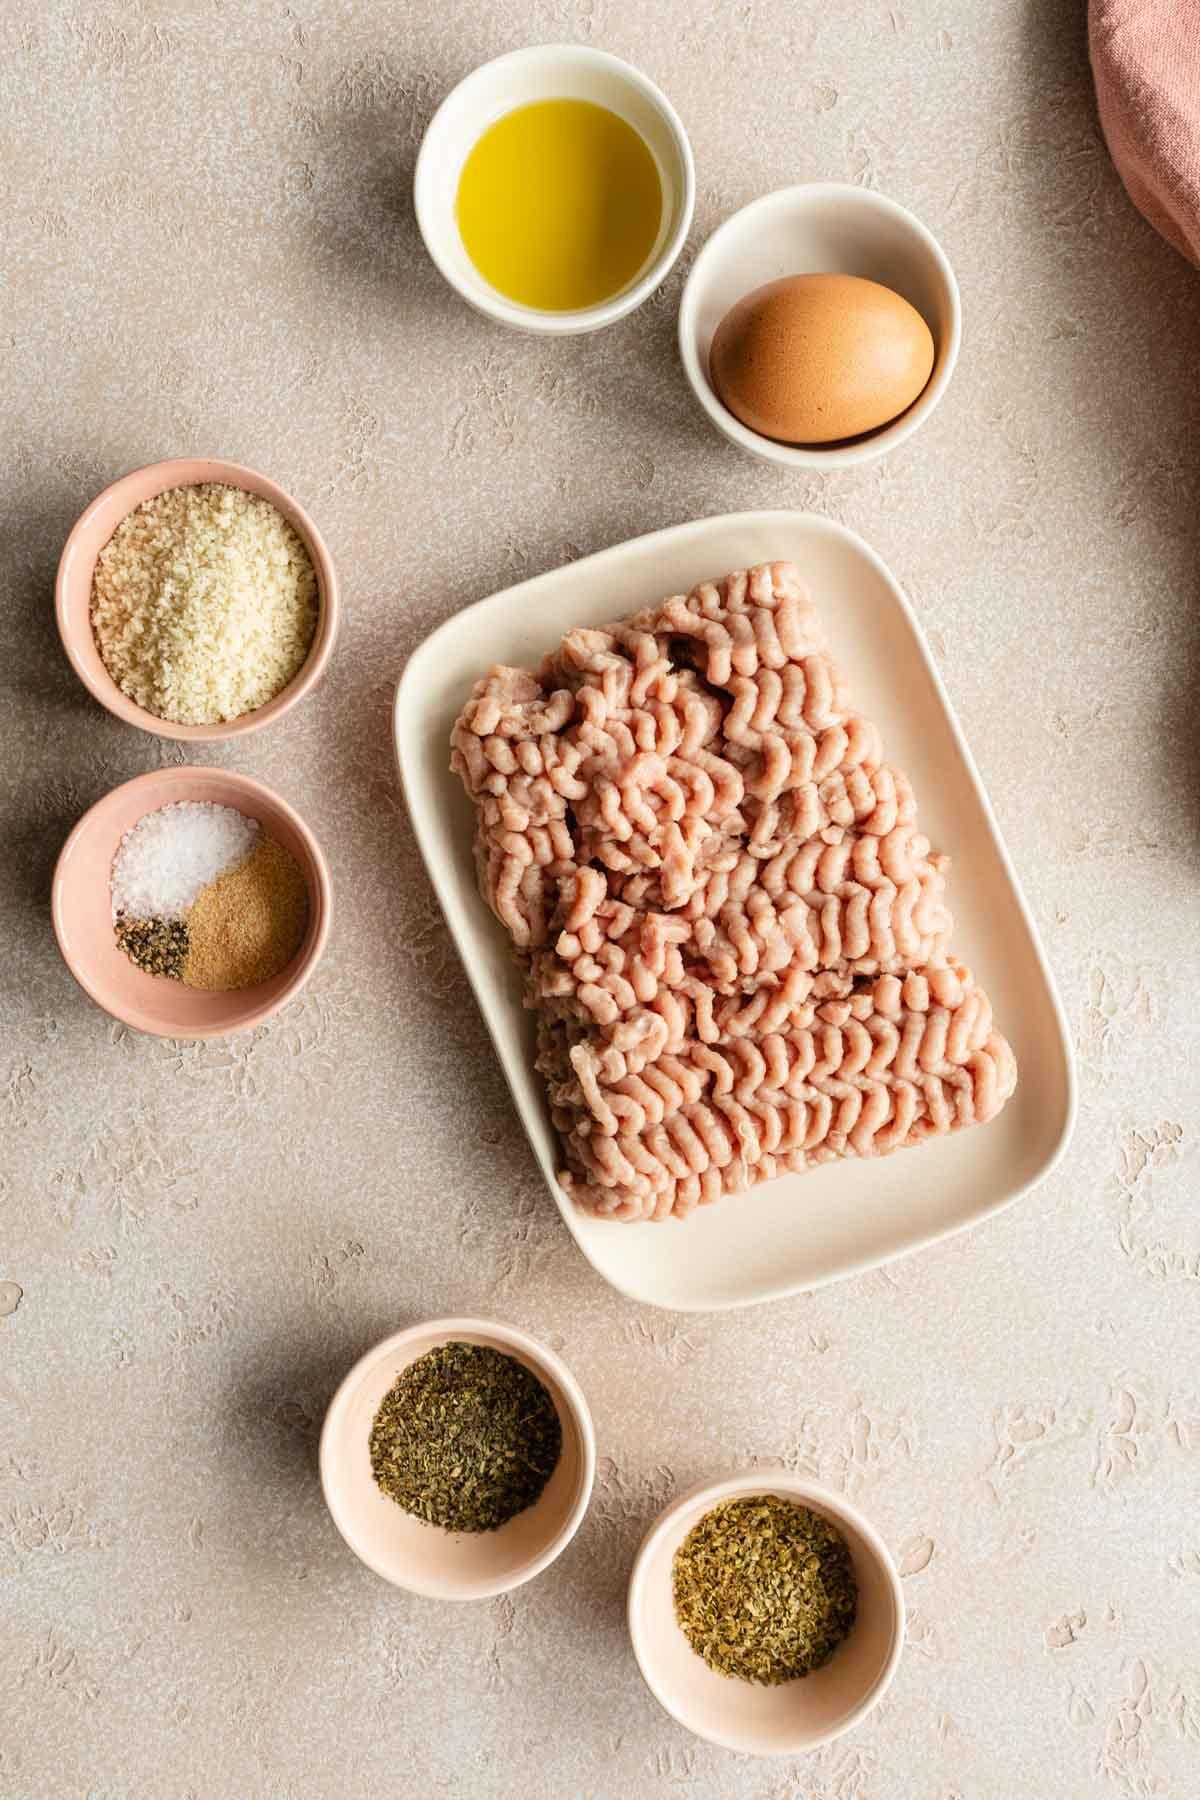 Overhead view of ingredients to make air fryer turkey burgers.